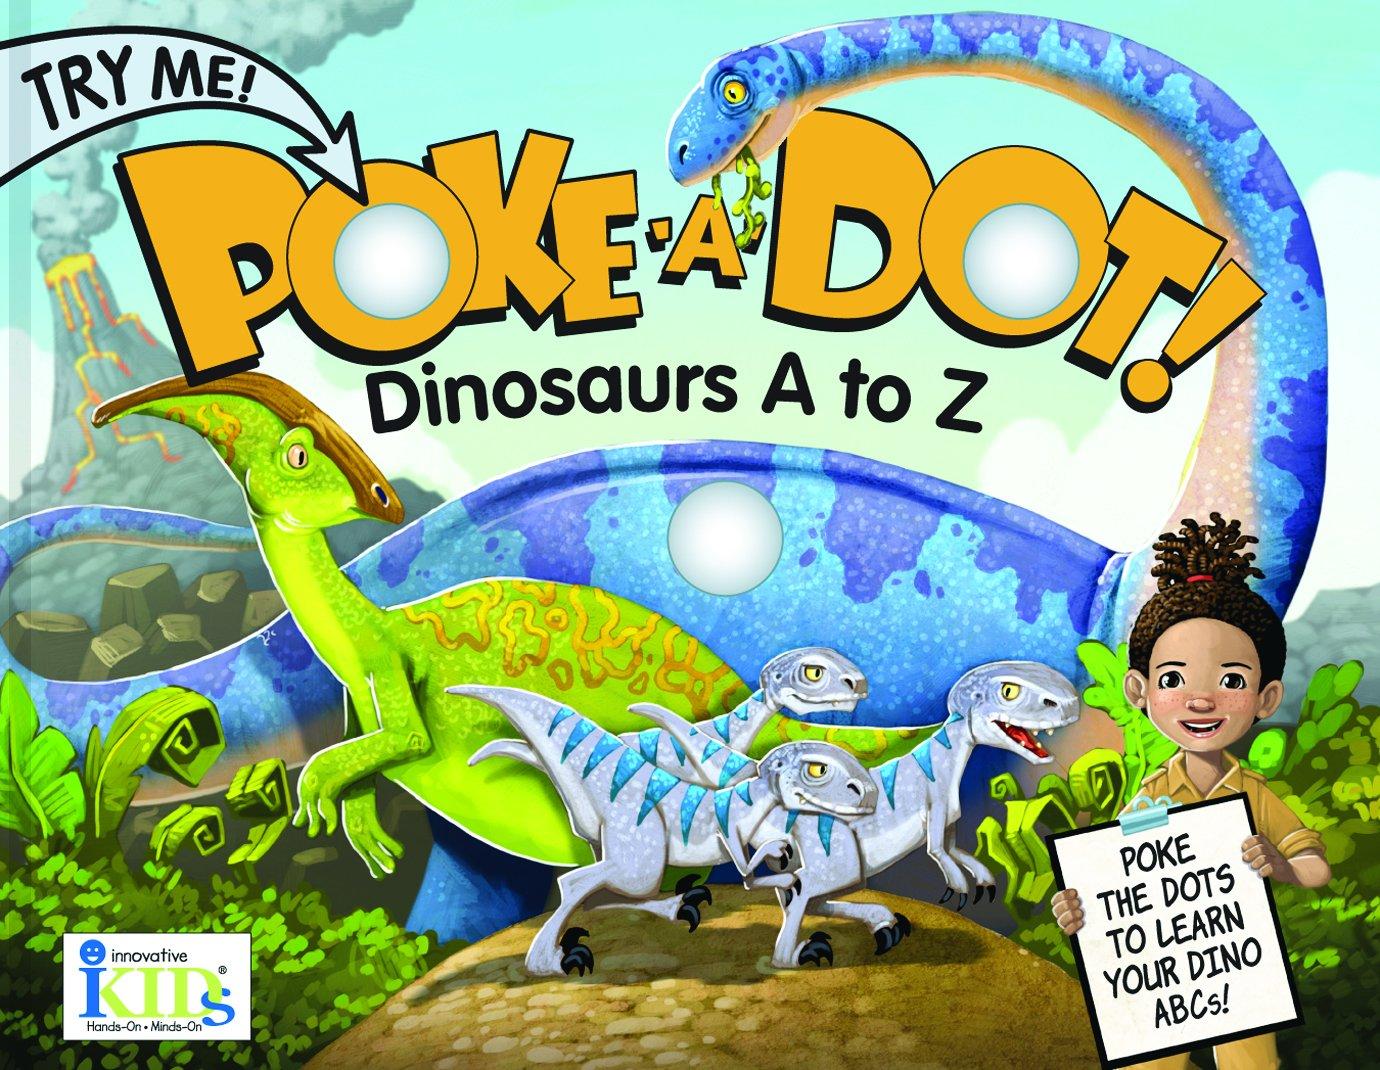 Dinosaurs A to Z (Poke-a-dot)